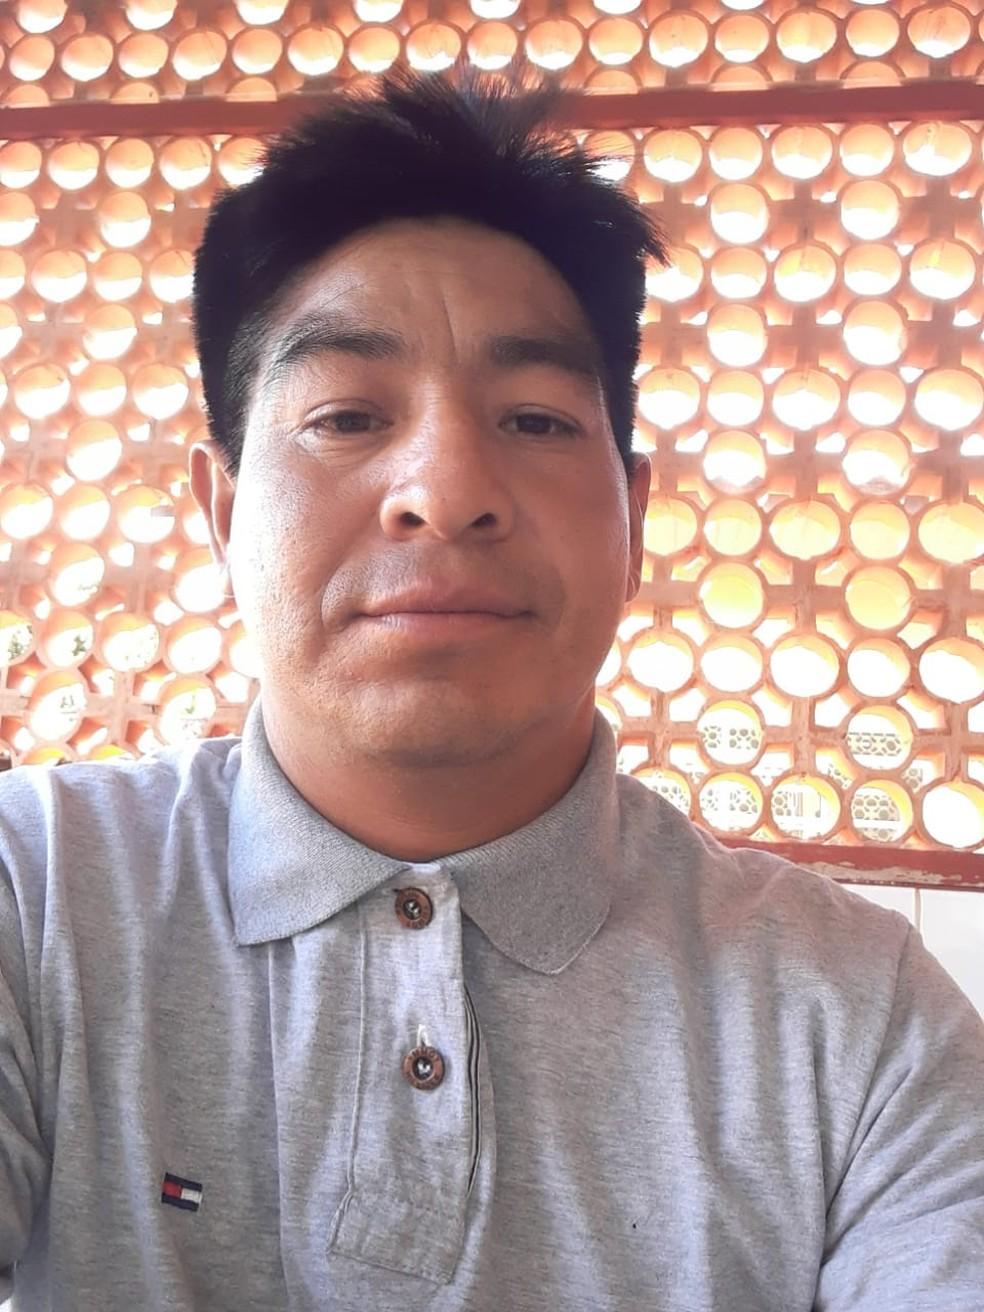 Nilvado Azezonaece, de 41 anos, morreu em acidente em Tangará da Serra — Foto: Arquivo pessoal